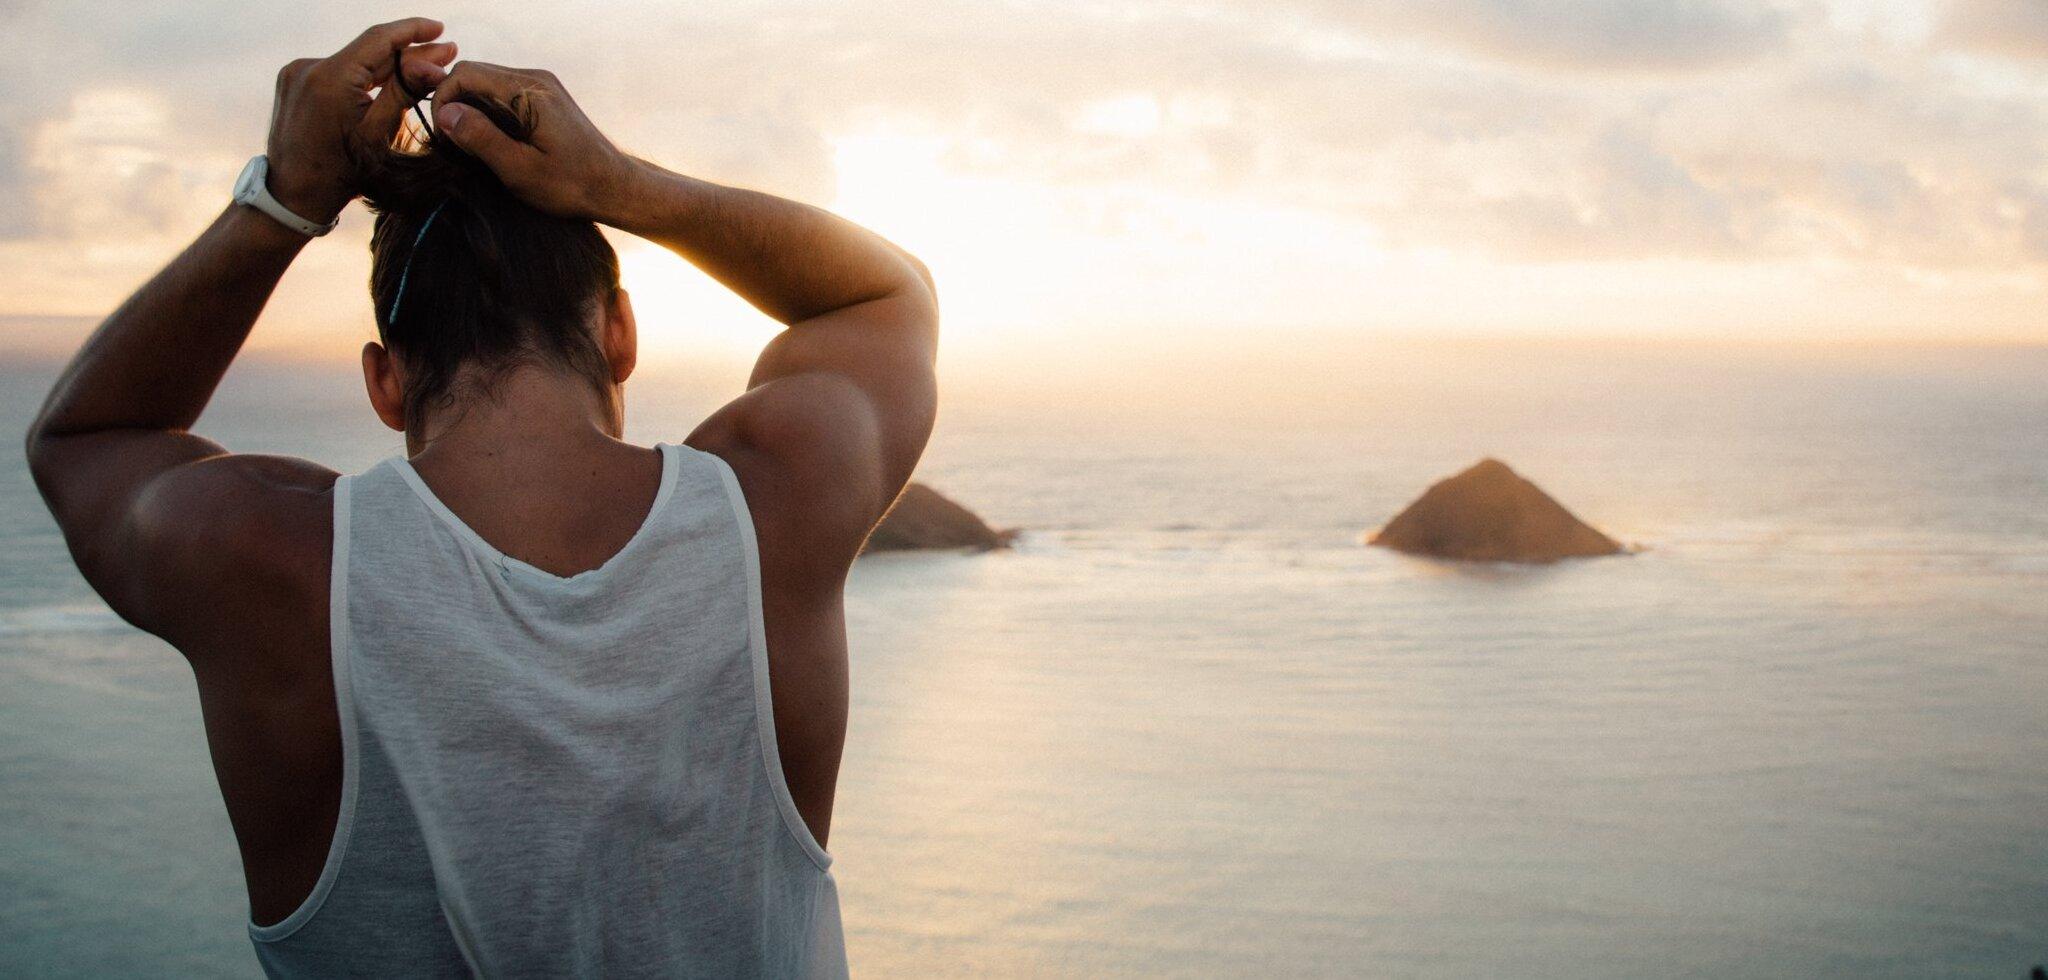 Mann in einem weißen Tanktop macht sich einen Zopf in die Haare | Joshua Munoz - Unsplas